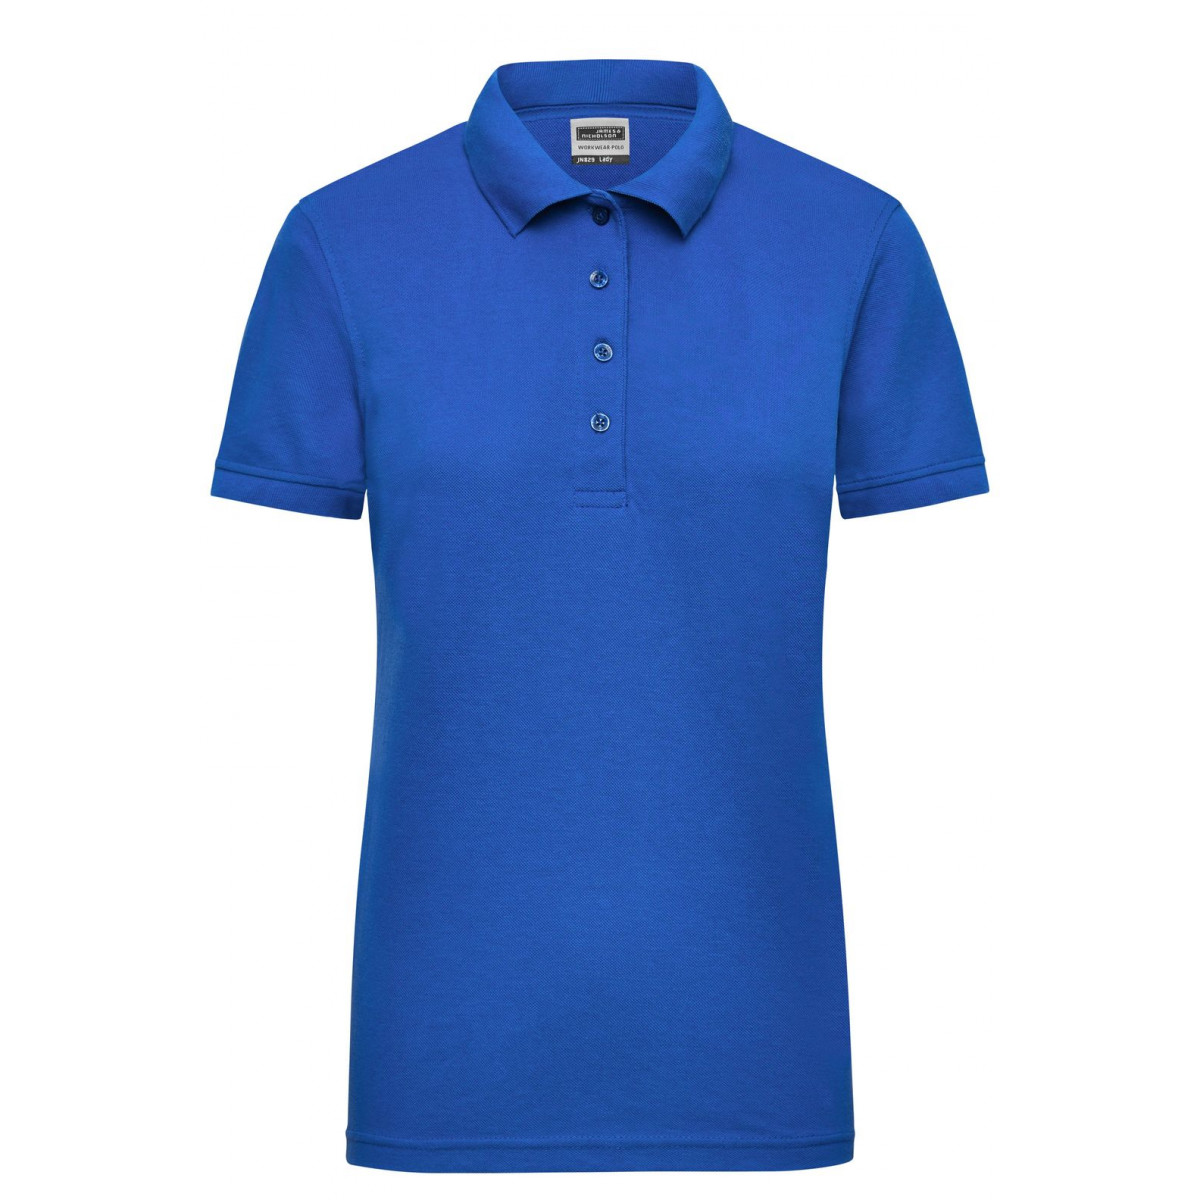 Рубашка поло женская JN829 Ladies Workwear Polo - Ярко-синий